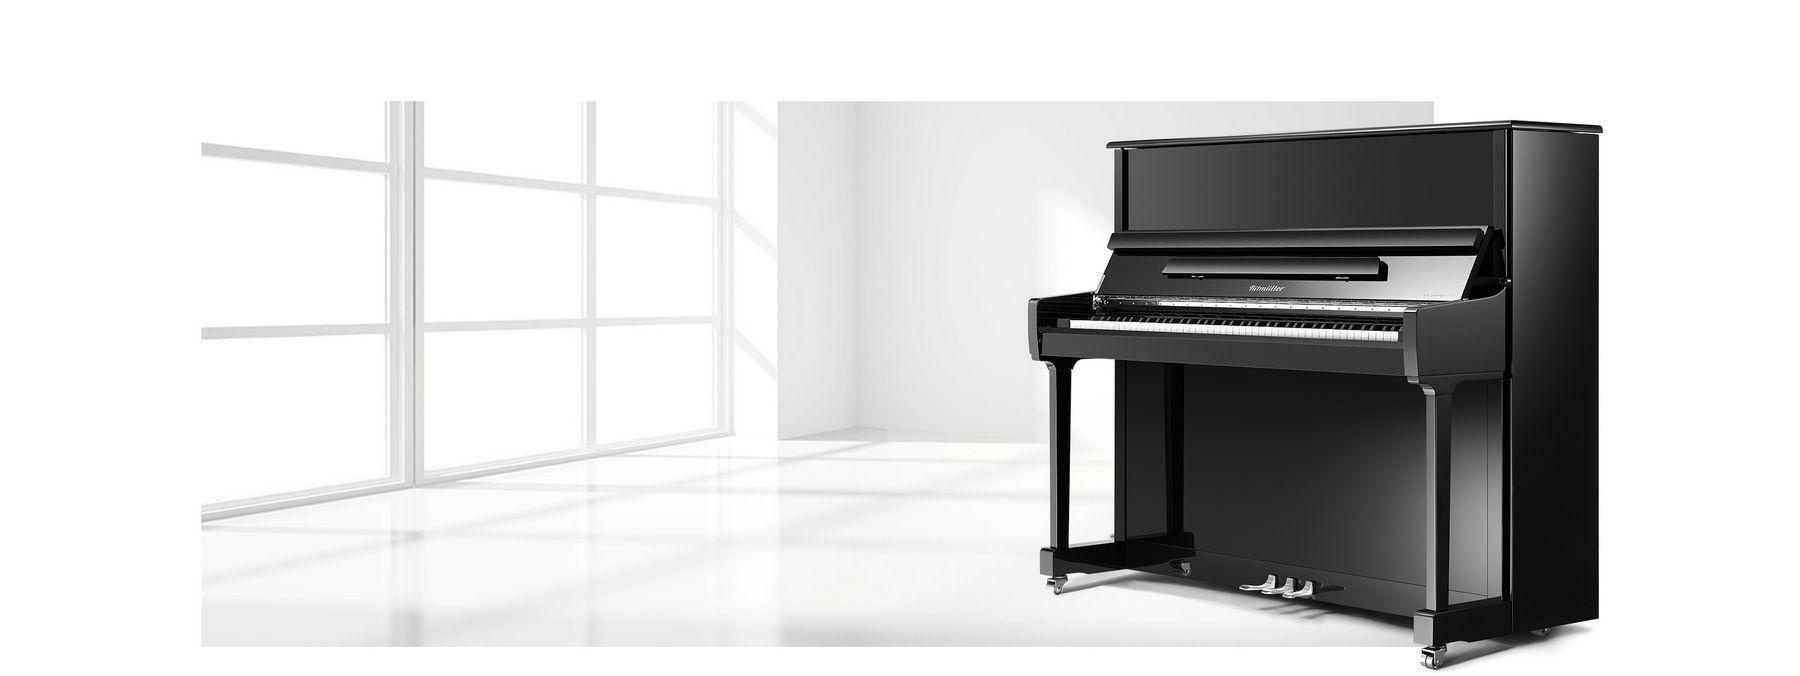 Skelley Piano Ritmuller2